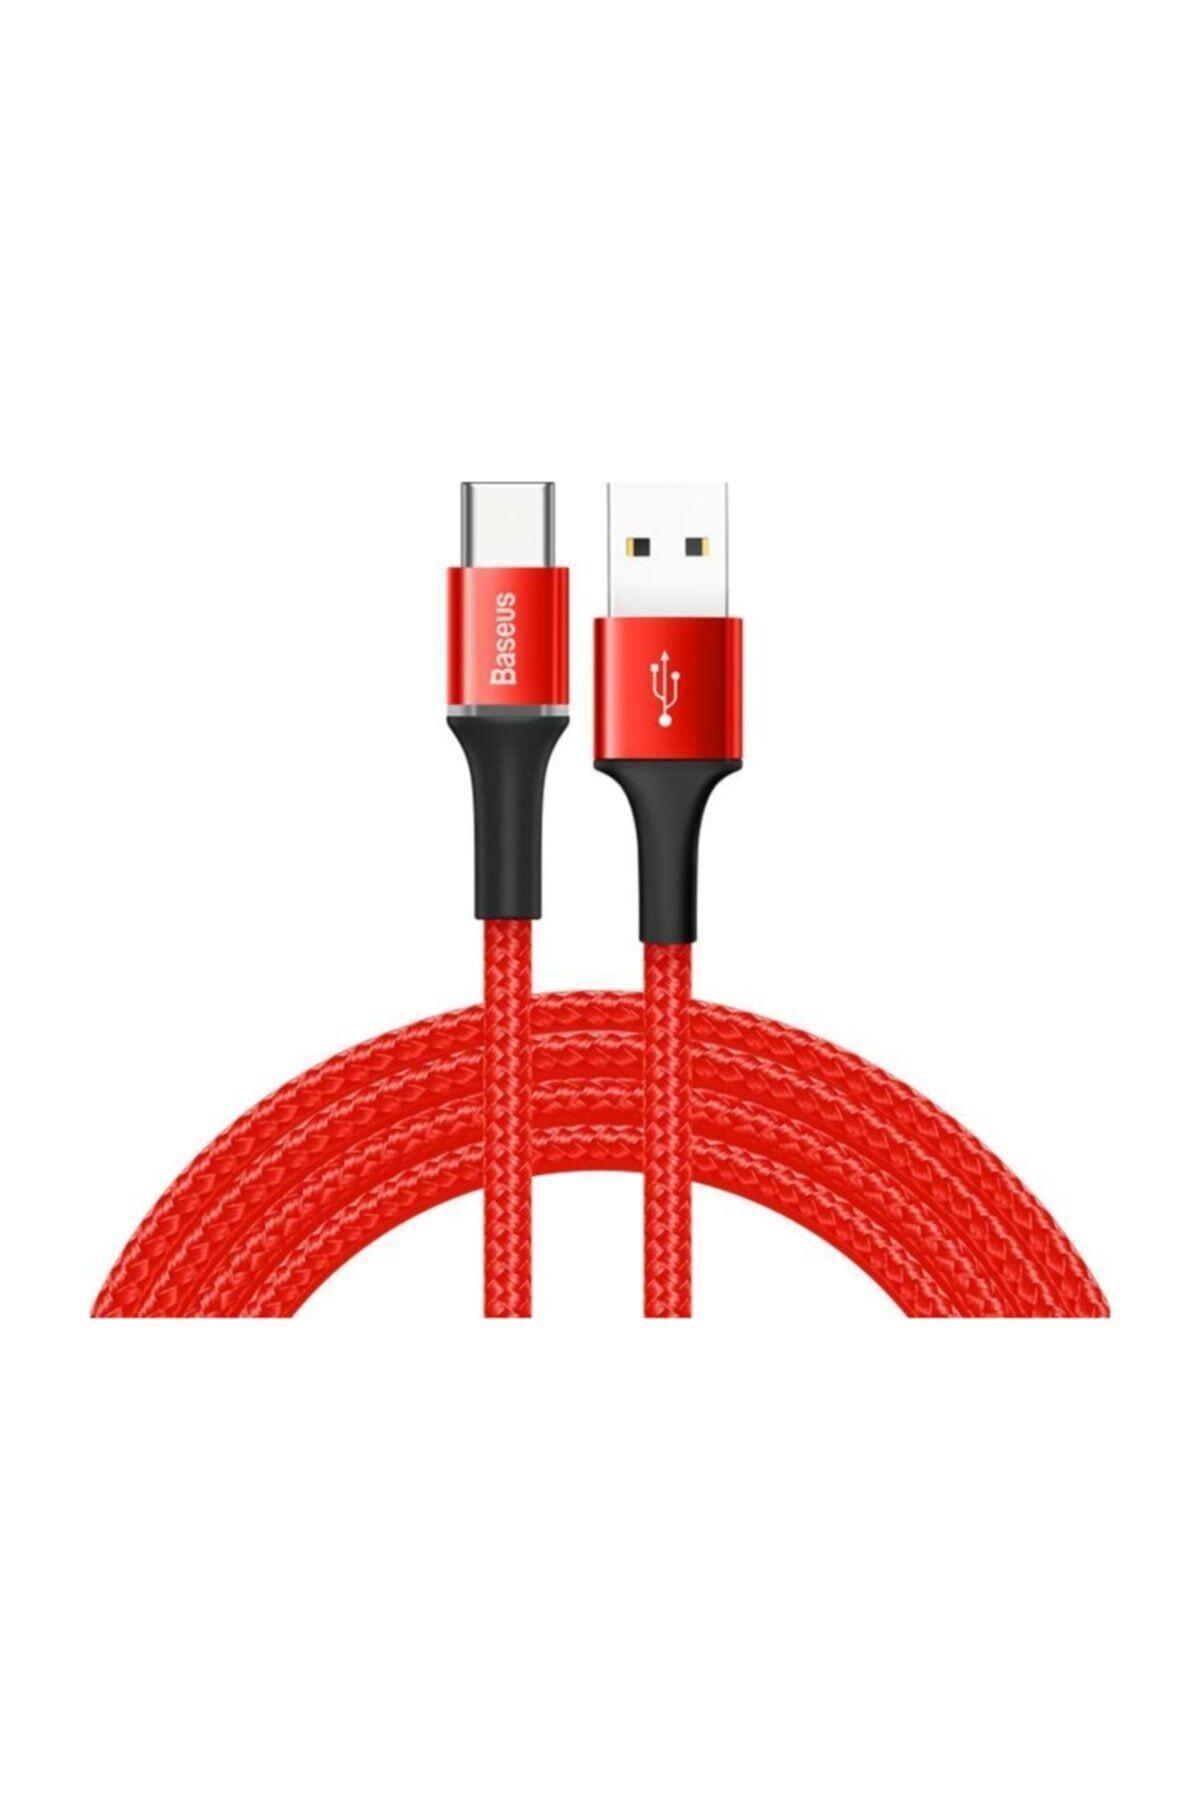 Baseus Halo Type-c Şarj Ve Data Kablo Uzun 2m 3a Işıklı Kırmızı 1